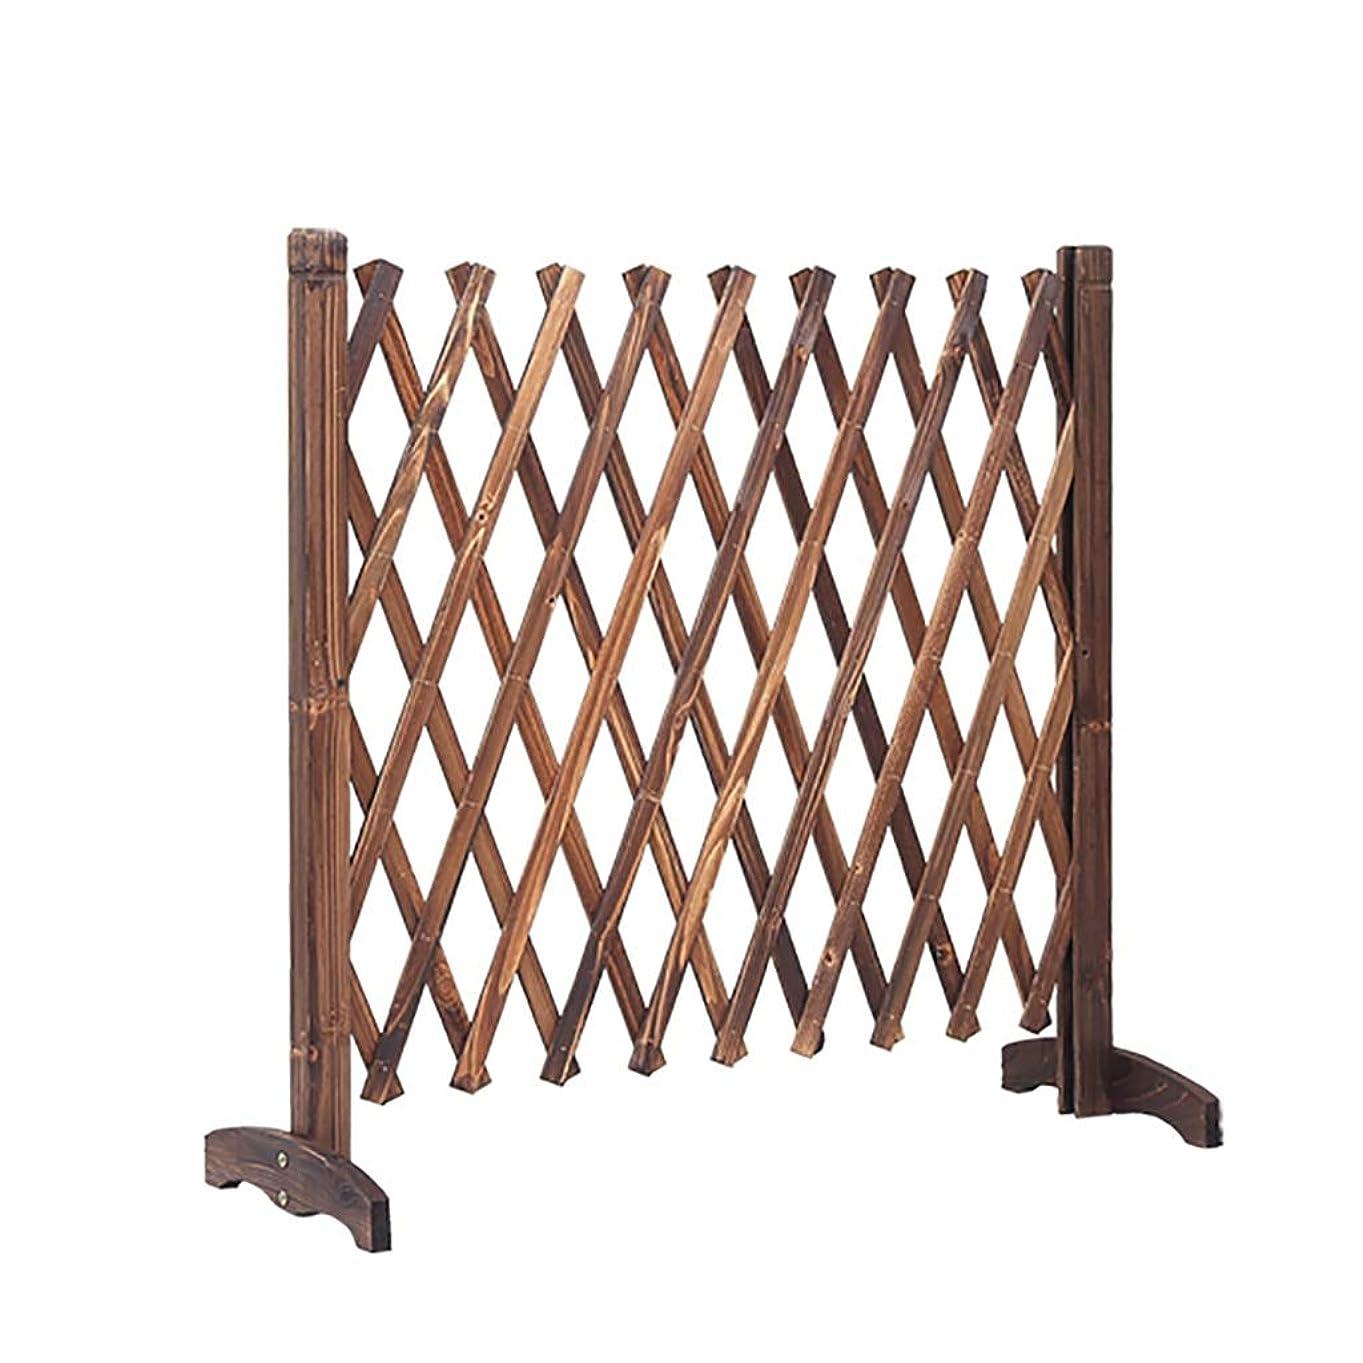 木製フェンスガーデンテレスコピックフェンスガーデン装飾グリッドフェンス, 3サイズ。 (Size : Height90cm/35.4inch)